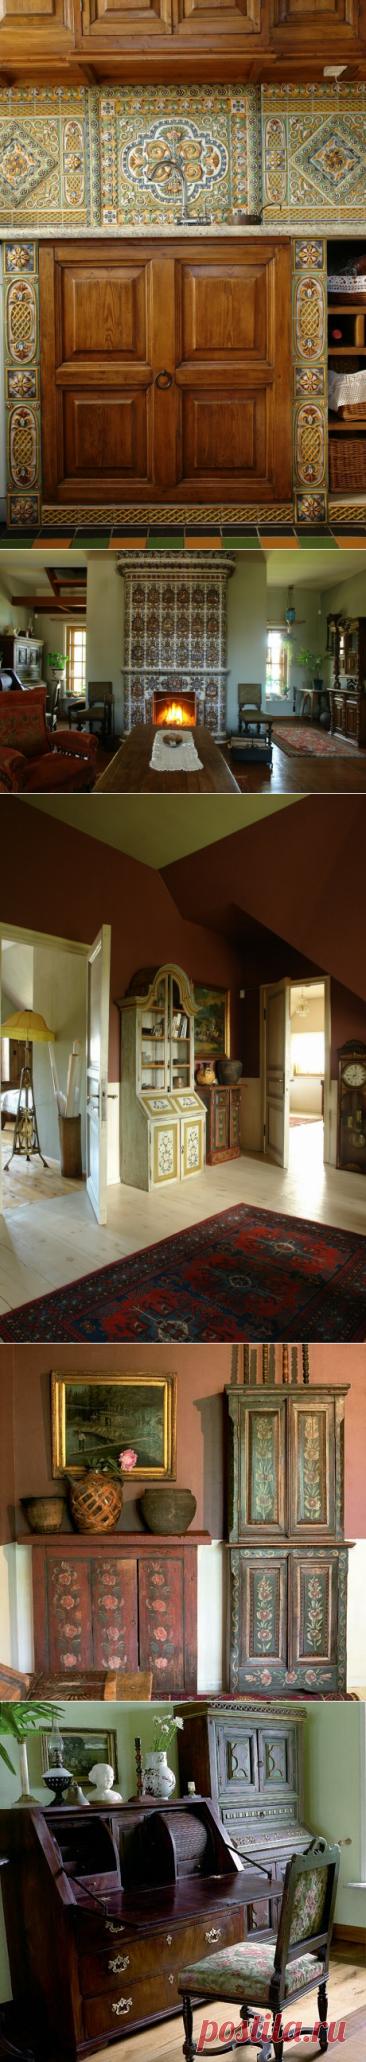 Дом с драгоценной, антикварной мебелью, где каждый предмет уникален. Правдивость мебели старинных домов Русского Севера | АРТбук Ульяновой | Яндекс Дзен